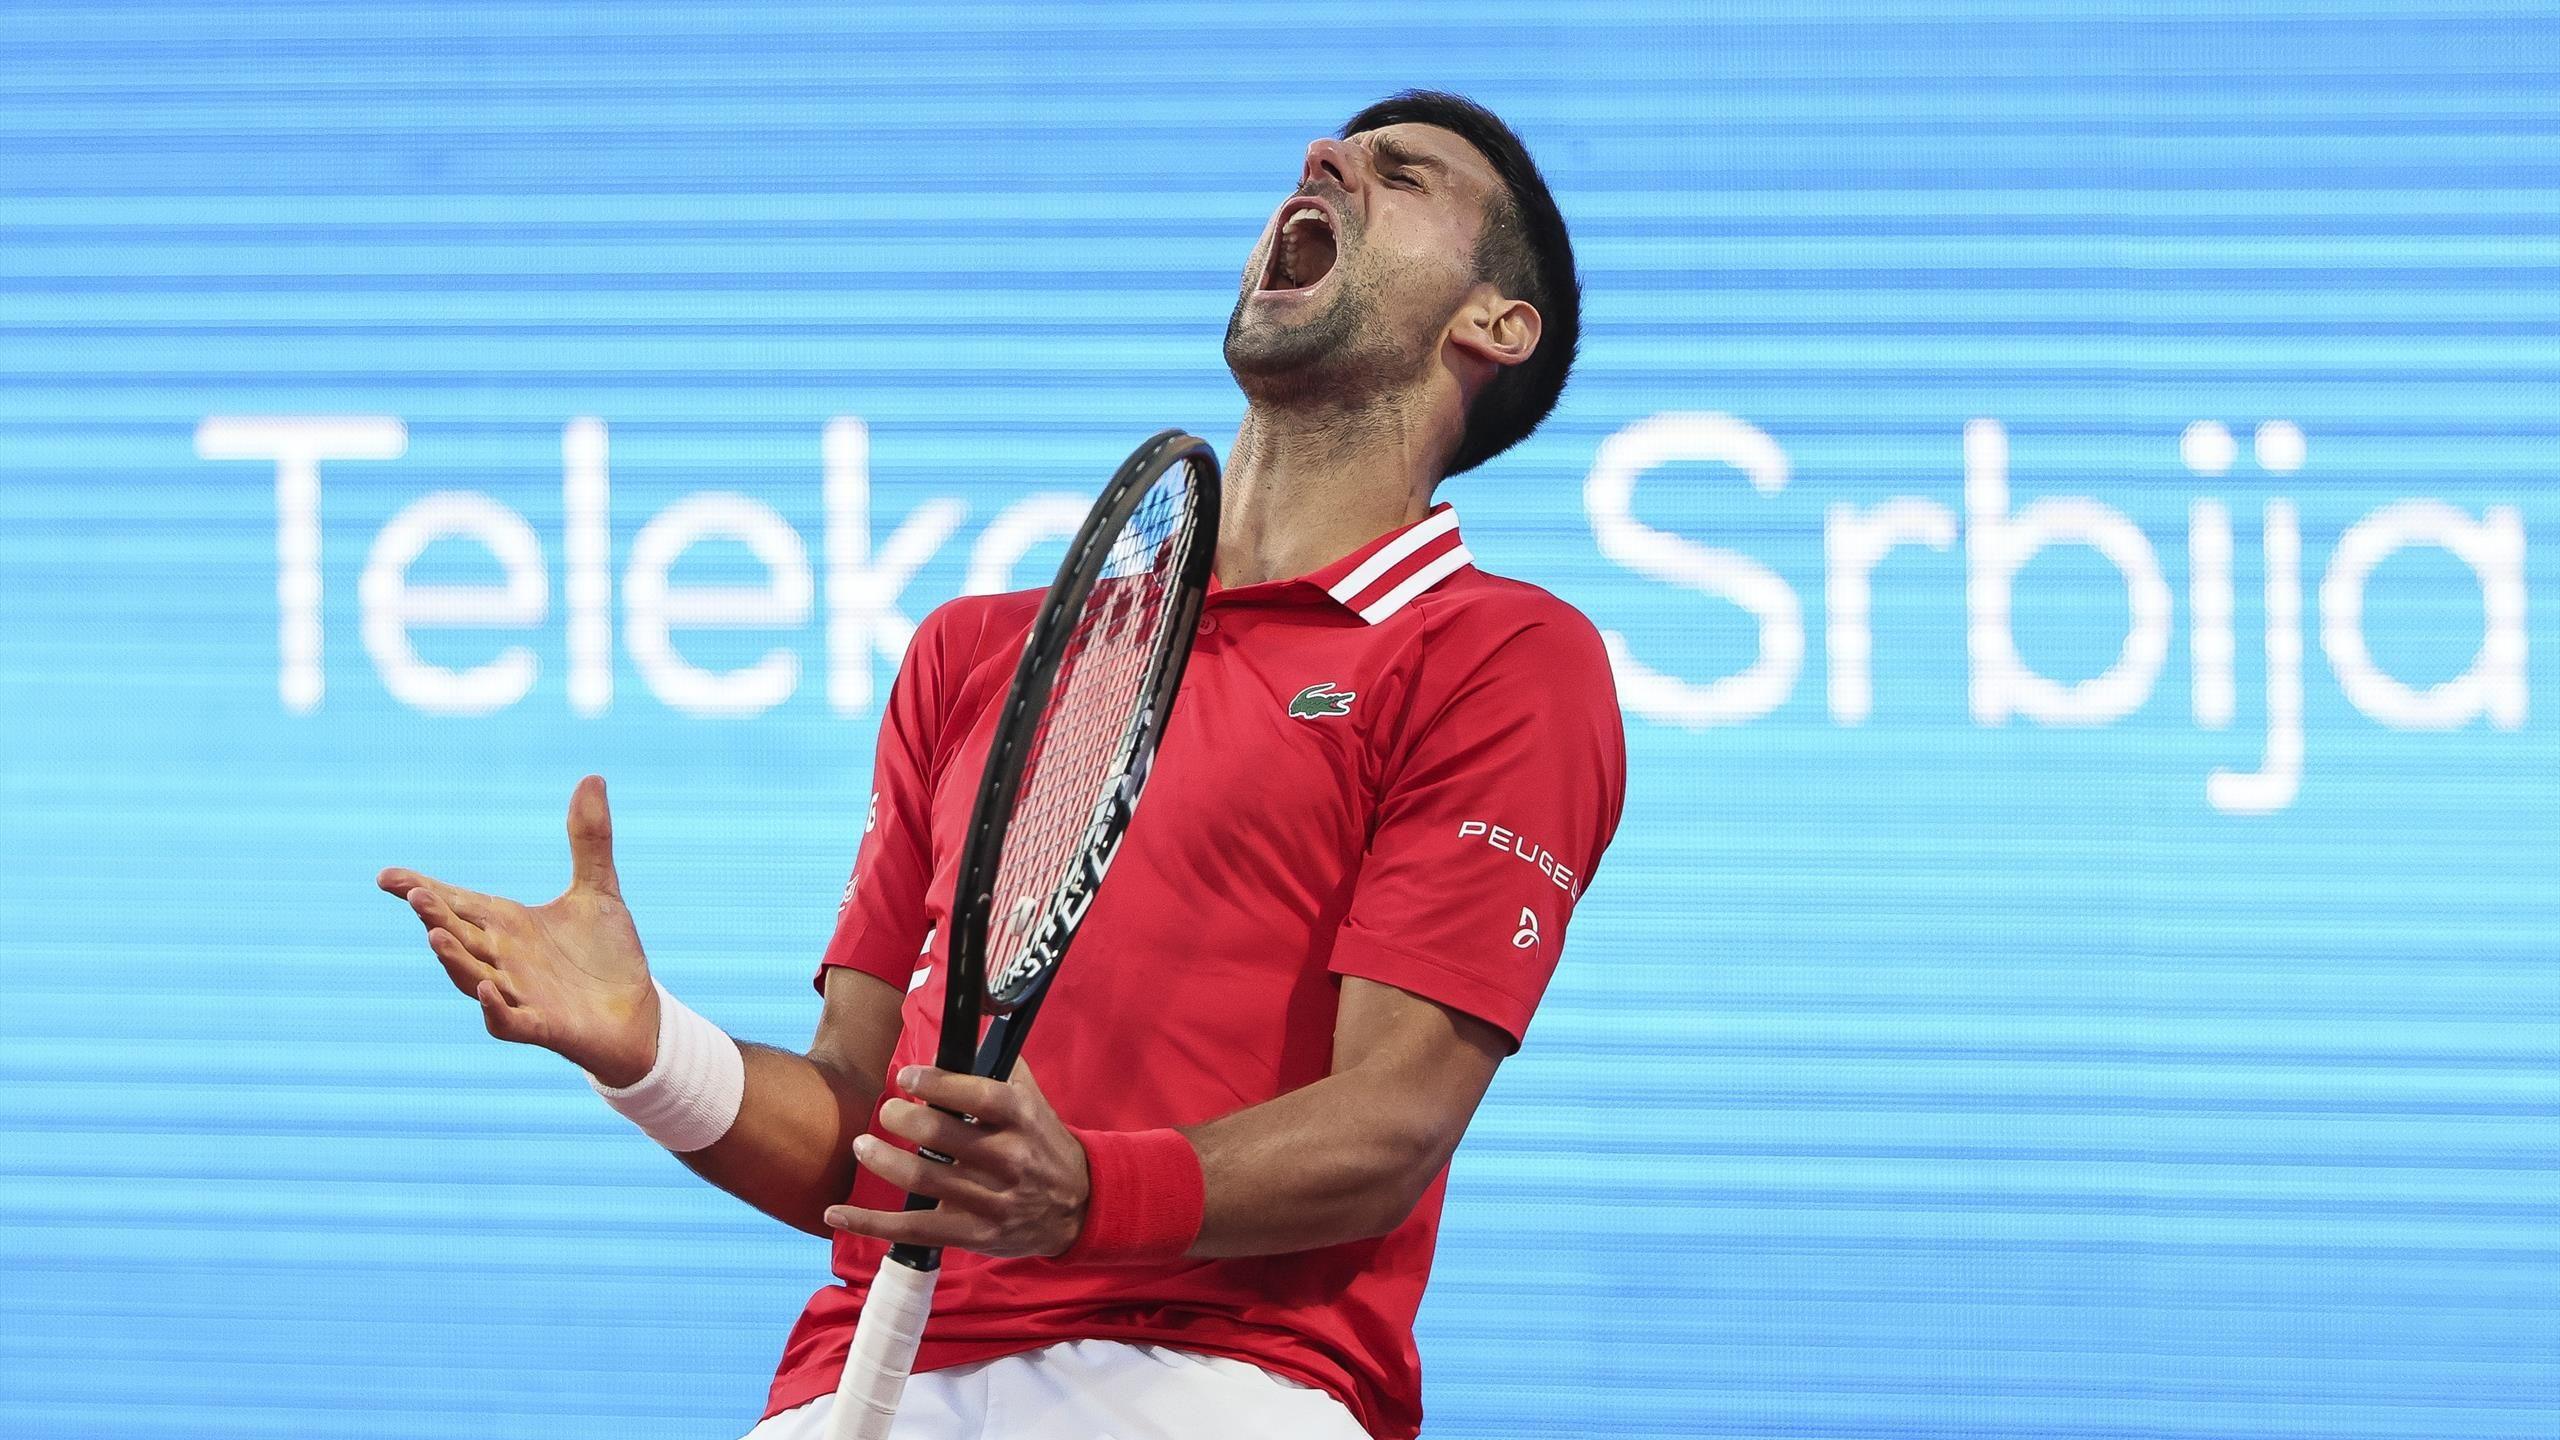 ATP Belgrad: Novak Djokovic scheitert an Aslan Karatsev - Highlights -  Tennis Video - Eurosport